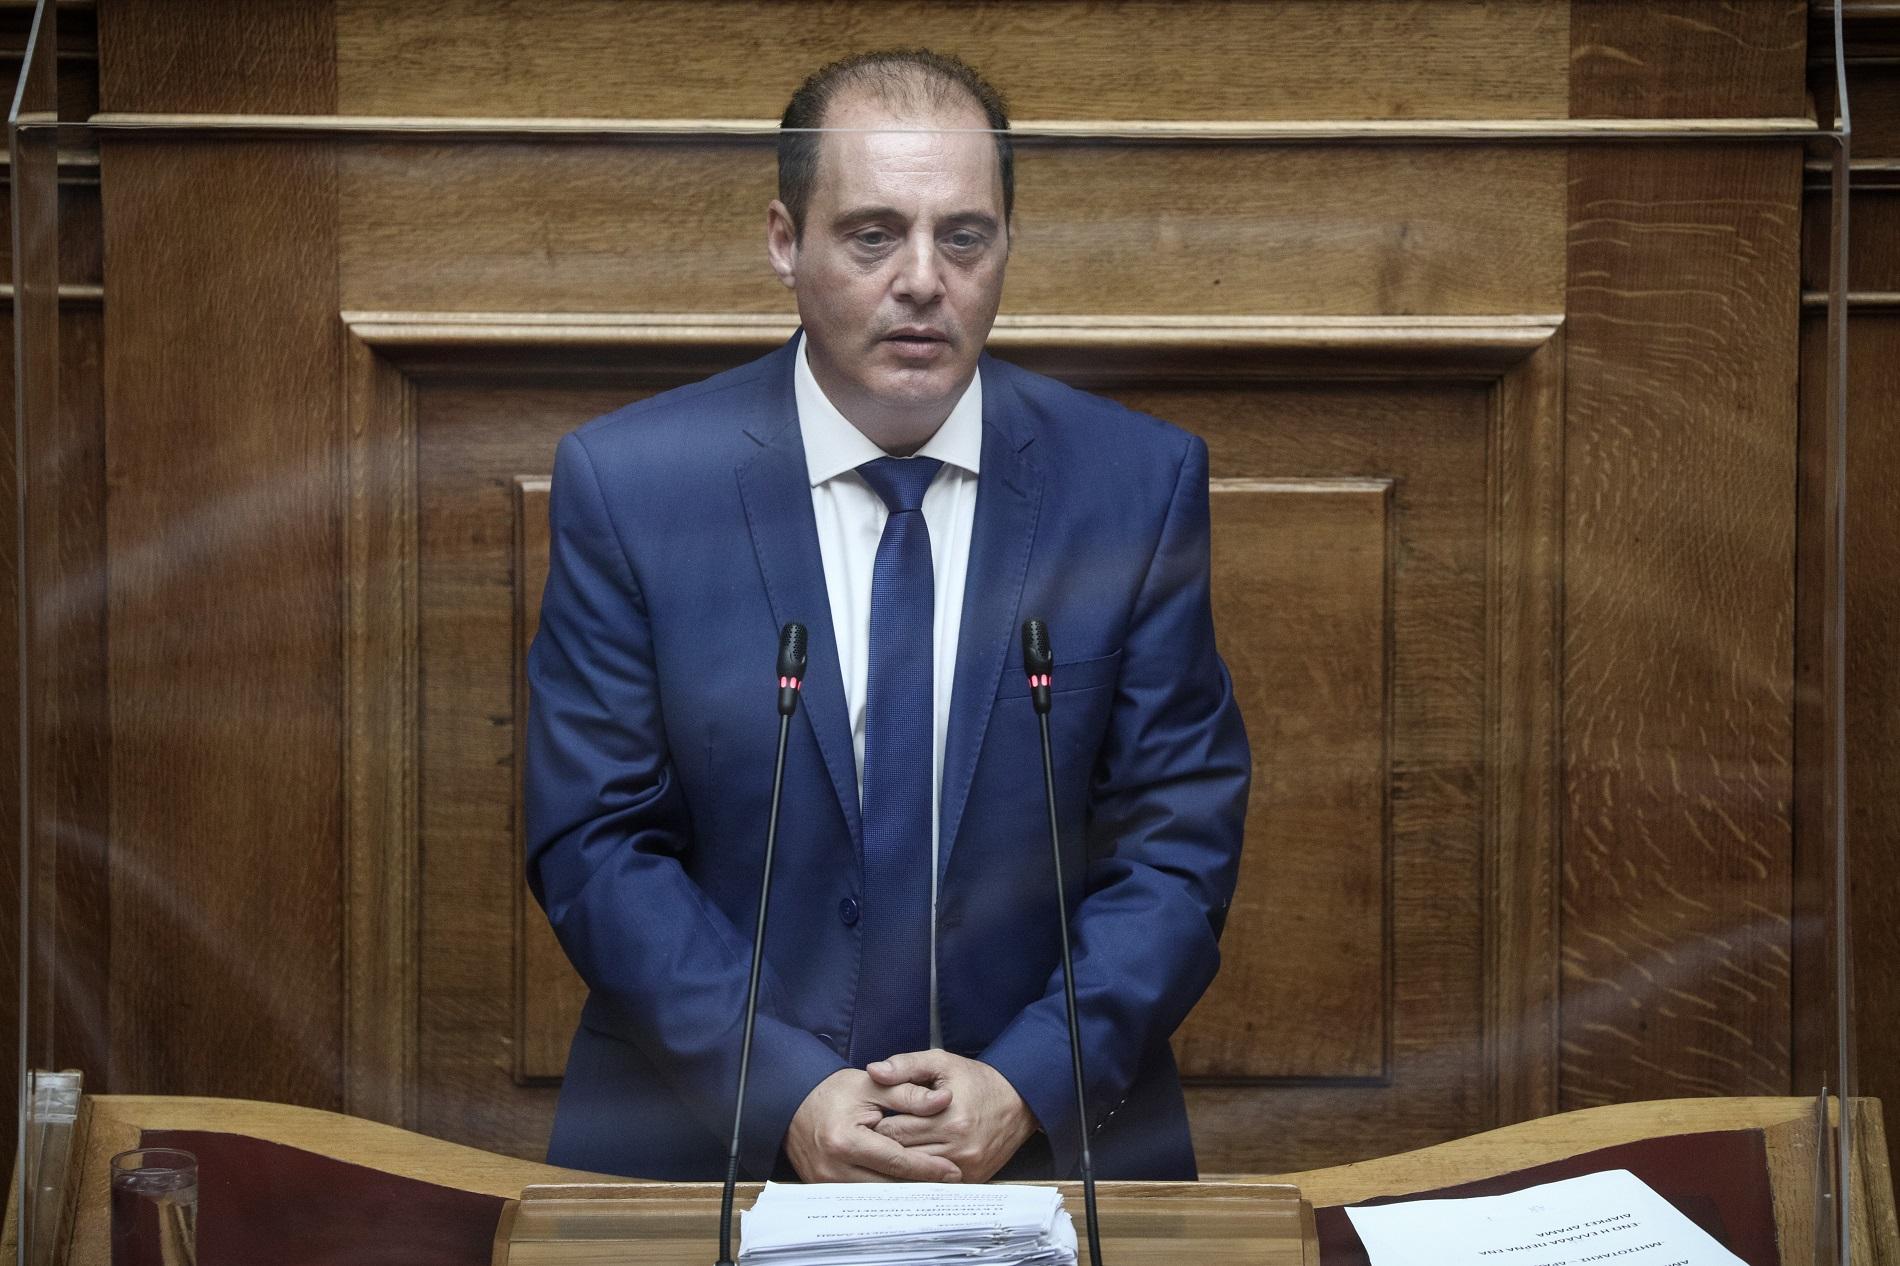 Μήνυμα της Ελληνικής Λύσης για την 47η επέτειο αποκατάστασης της Δημοκρατίας